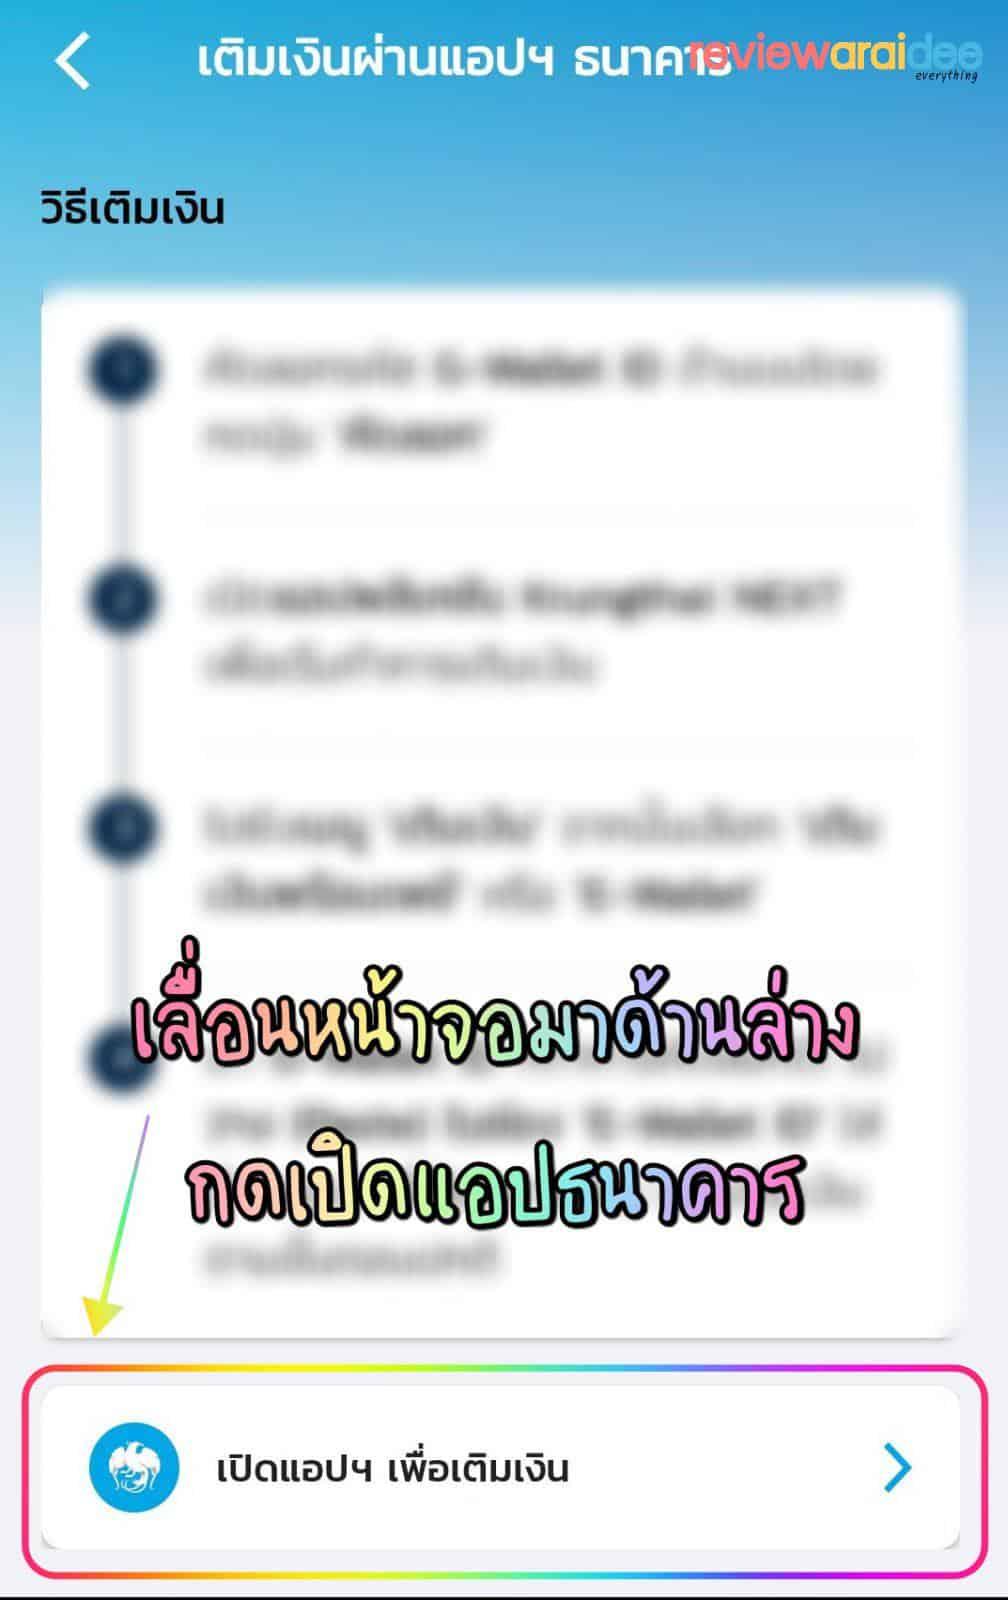 [แนะนำ] วิธีเติมเงินคนละครึ่งกรุงไทย (Krungthai NEXT) เข้าเป๋าตัง G-Wallet ทำอย่างไง ?